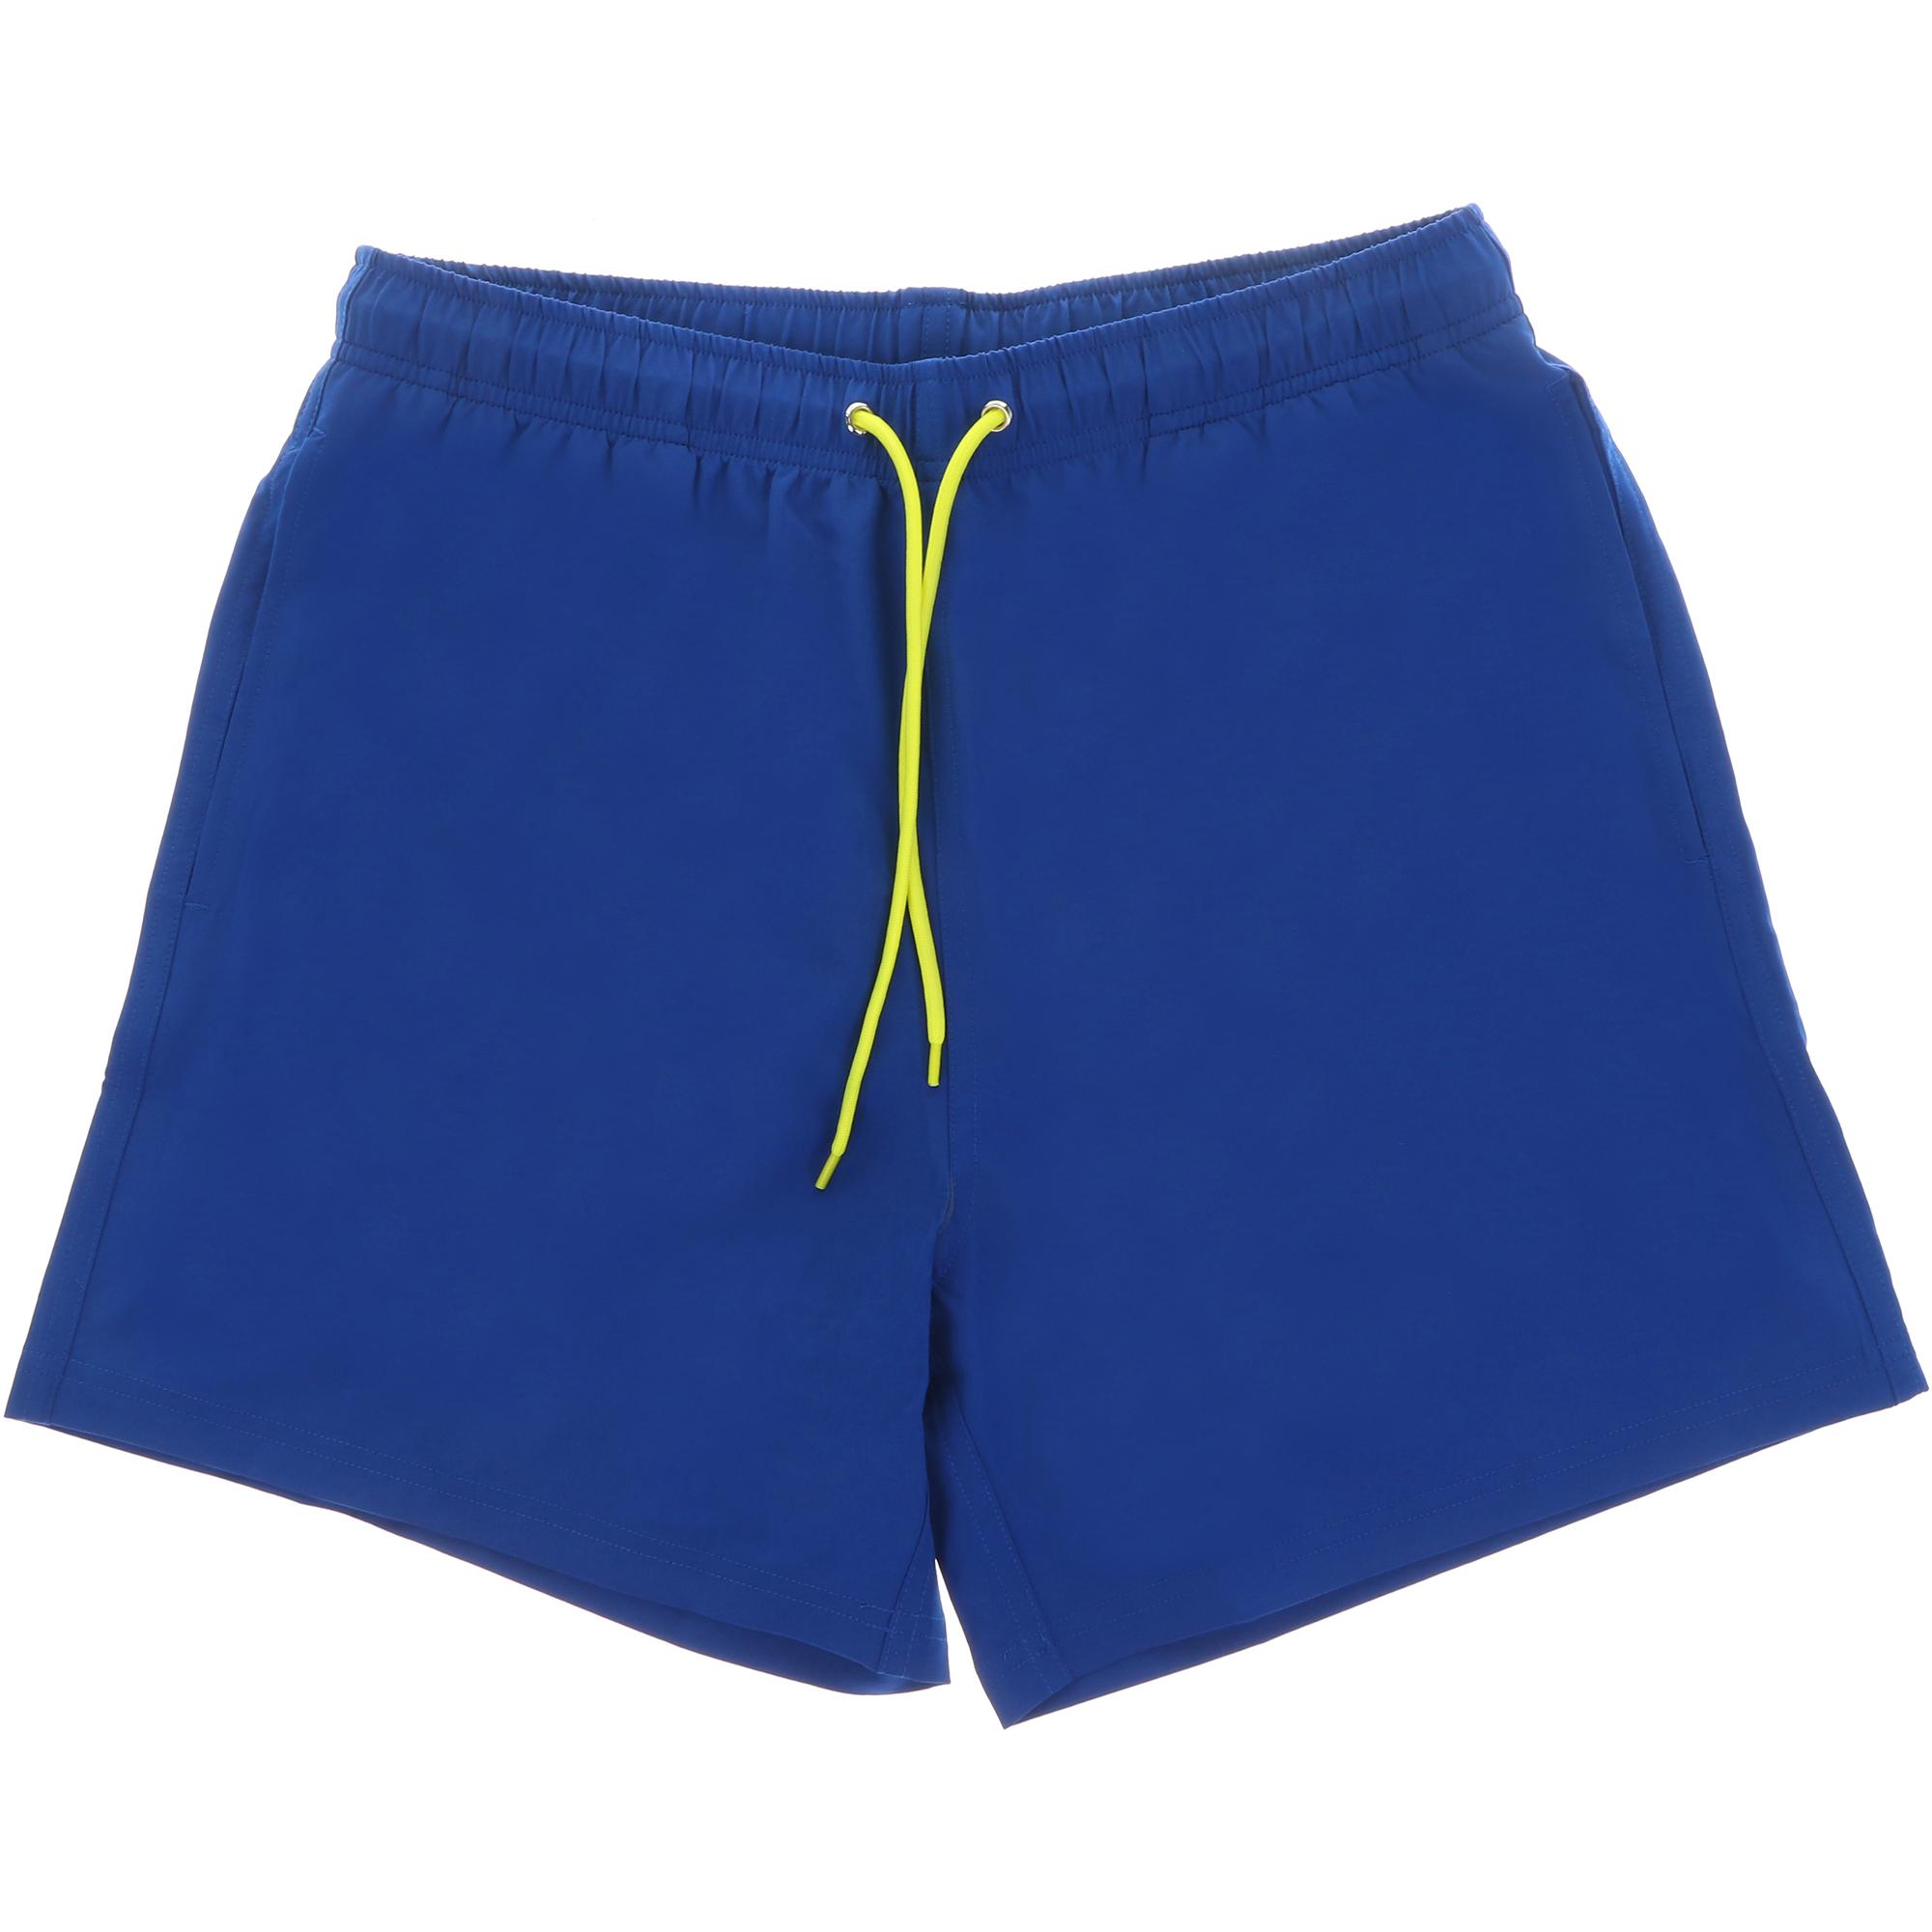 Шорты пляжные Joyord мужские синие M